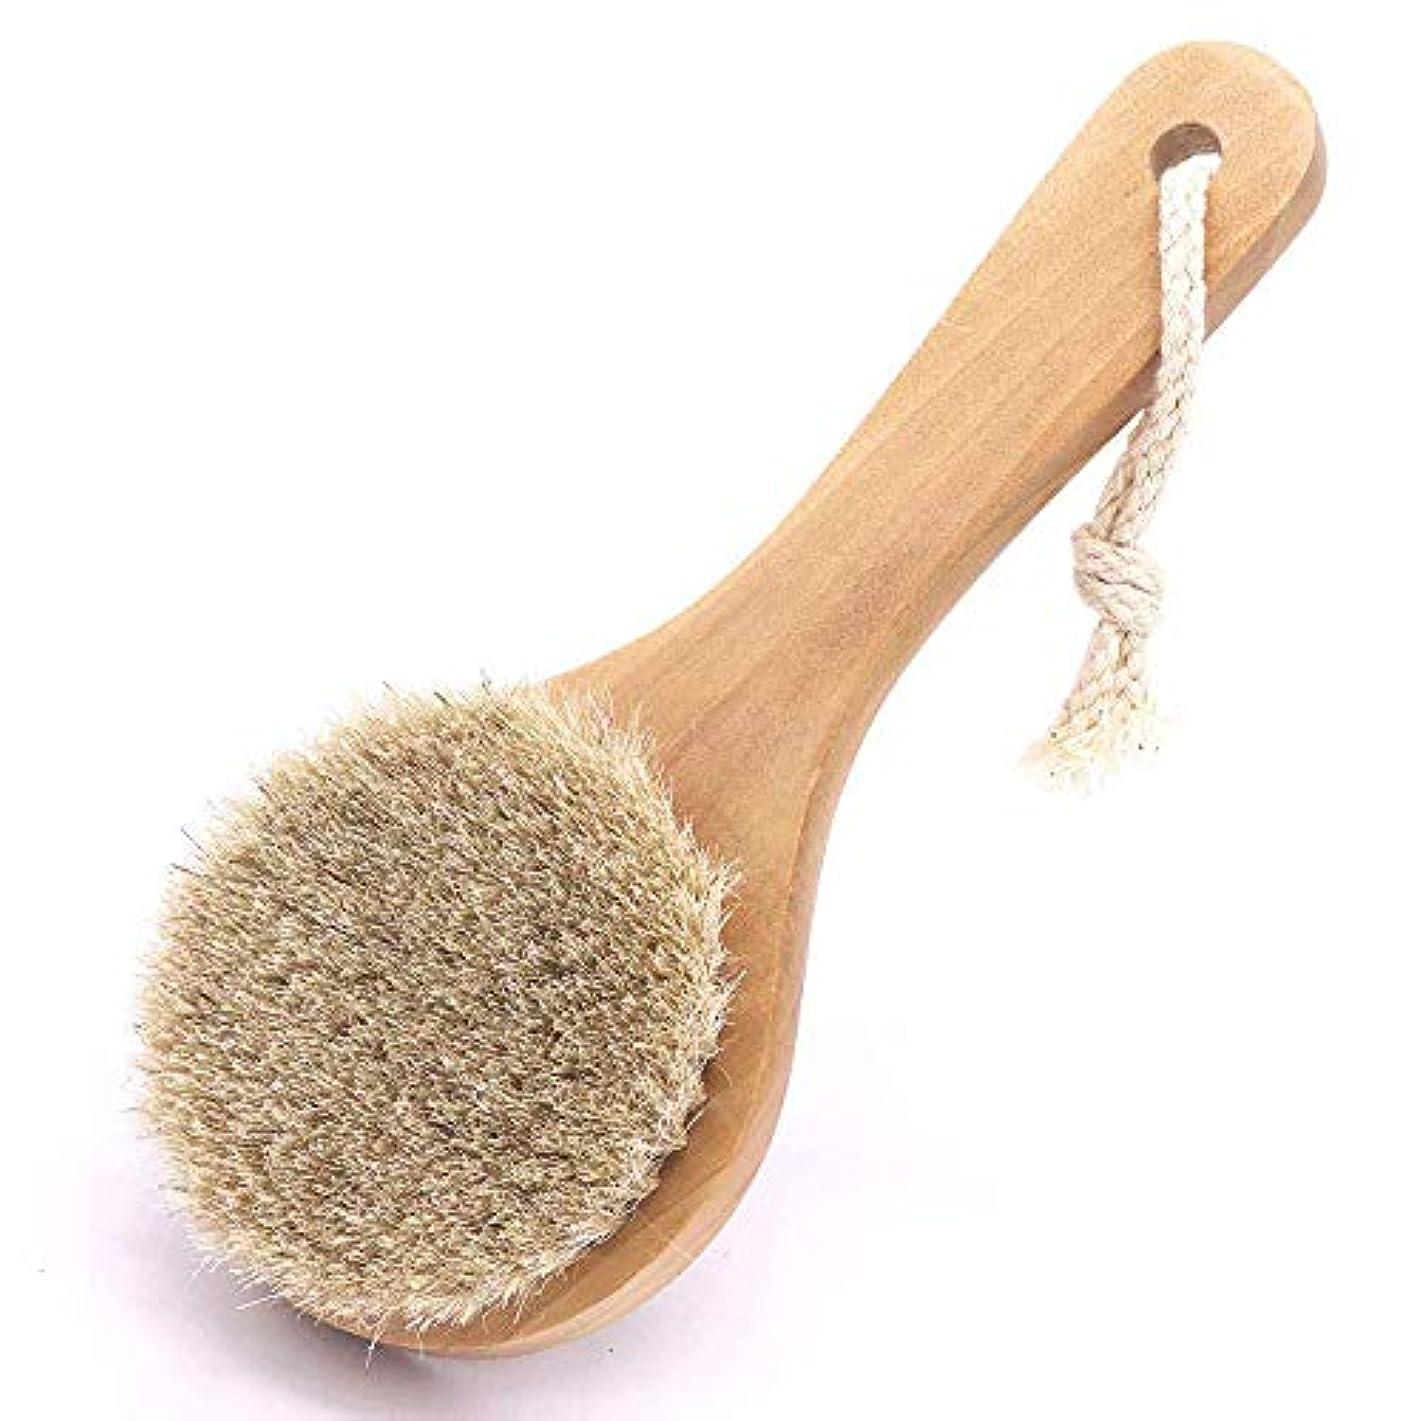 一疑い者リスキーな馬毛ボディブラシ 木製 短柄 足を洗う お風呂用 体洗い 女性 角質除去 柔らかい 美肌 馬毛ボディブラシ